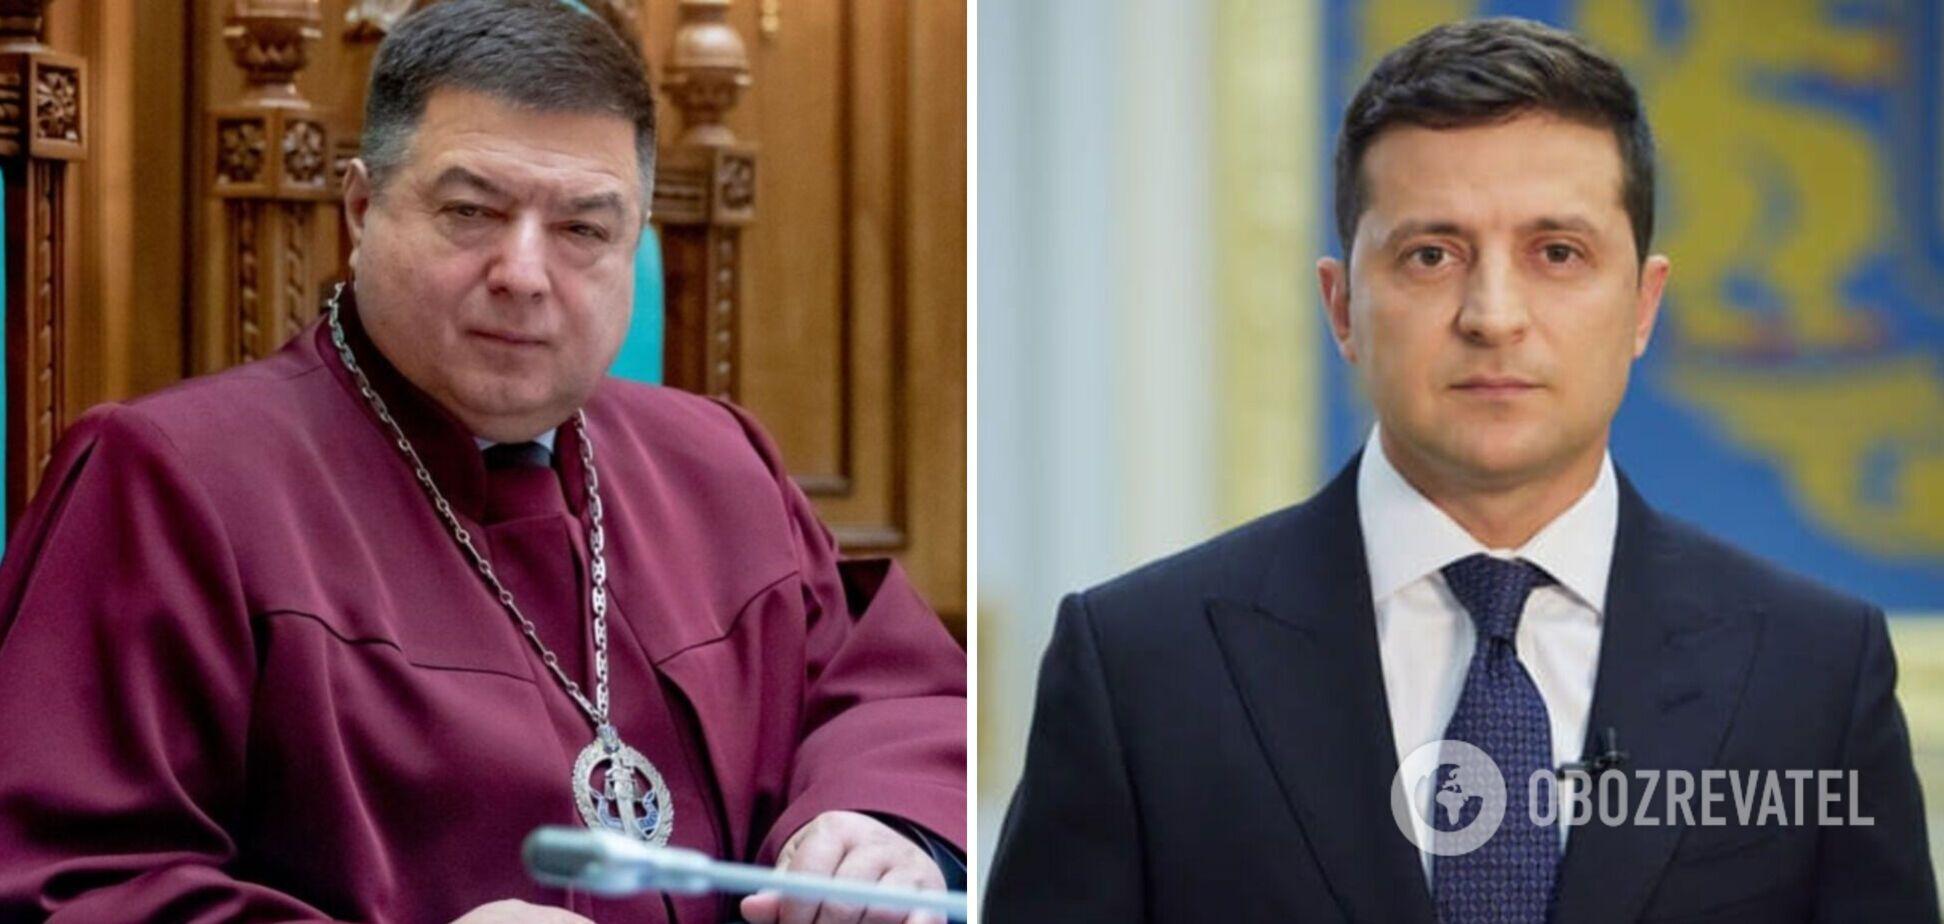 Зеленський про Тупицького: призначені Януковичем судді можуть відправлятися на заслужений відпочинок